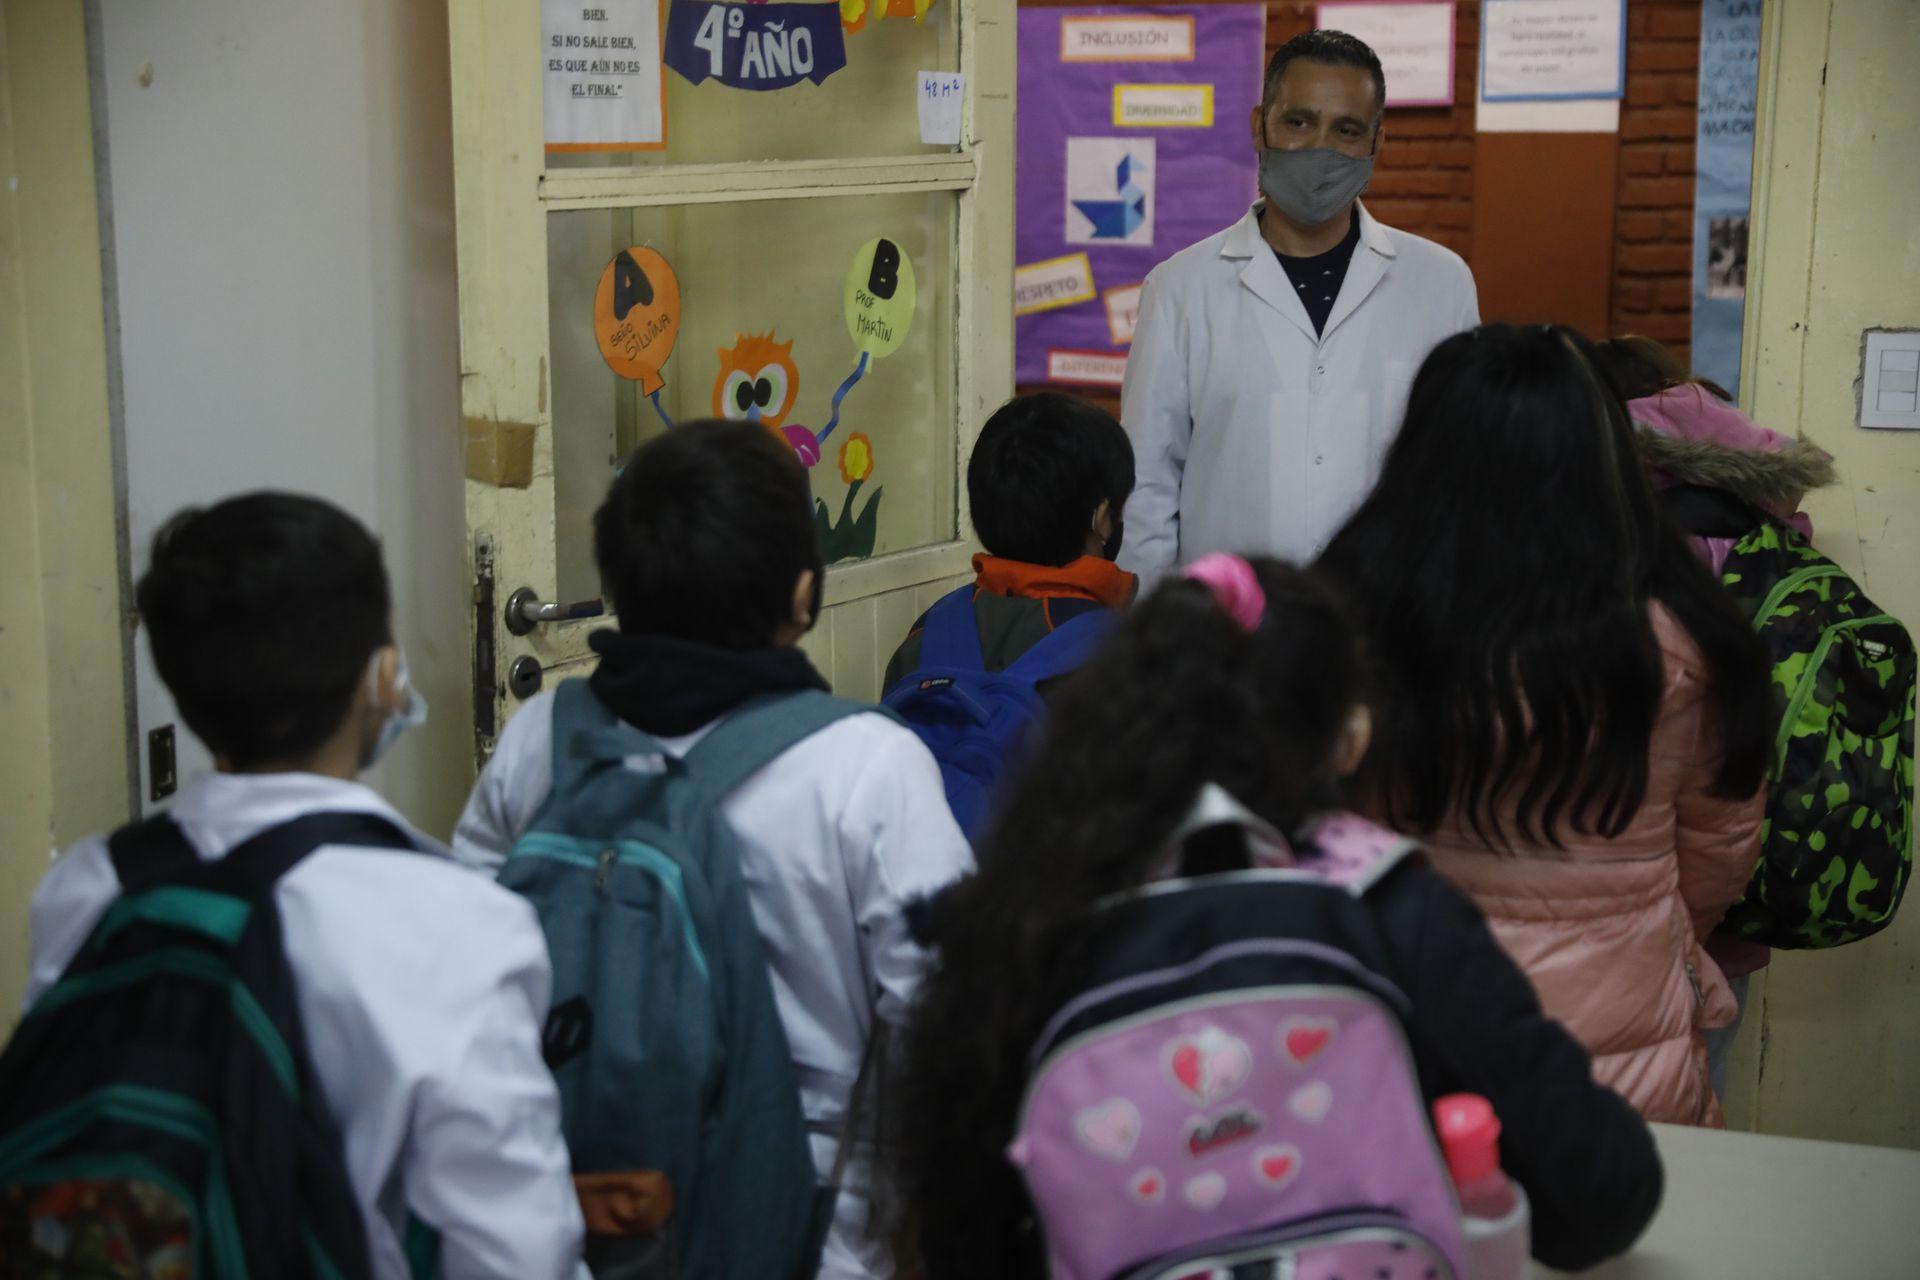 Martín despide a sus alumnos al cierre de la jornada. La virtualidad de 2020 no fue obstáculo para acompañarlos y promover la educación inclusiva